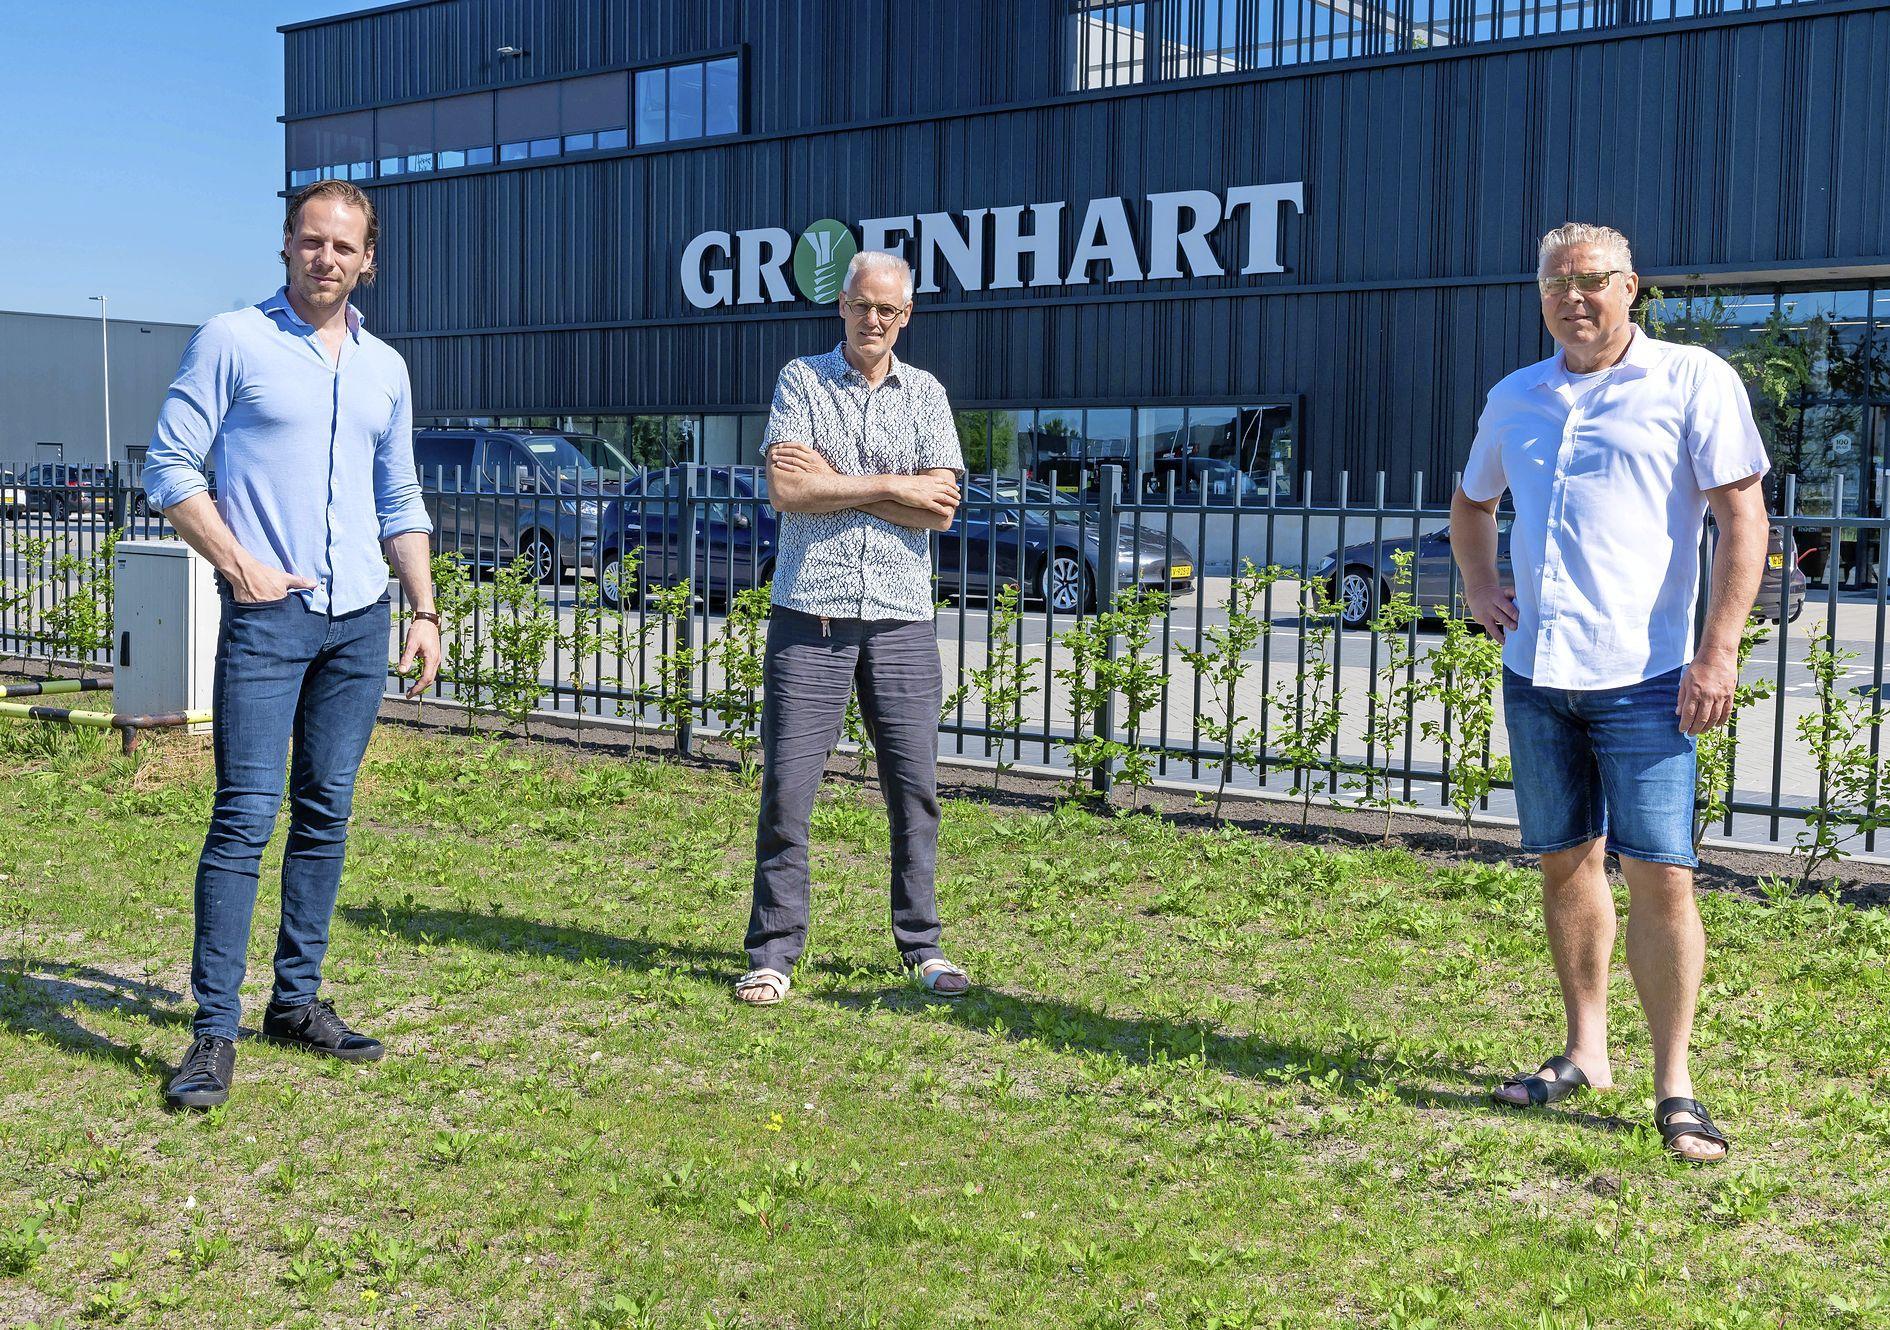 Bedrijfsverzamelpark niet welkom op Baanstee-Noord: 'Gemeente is bang voor verrommeling en criminaliteit, maar dat kunnen we gewoon tegengaan'